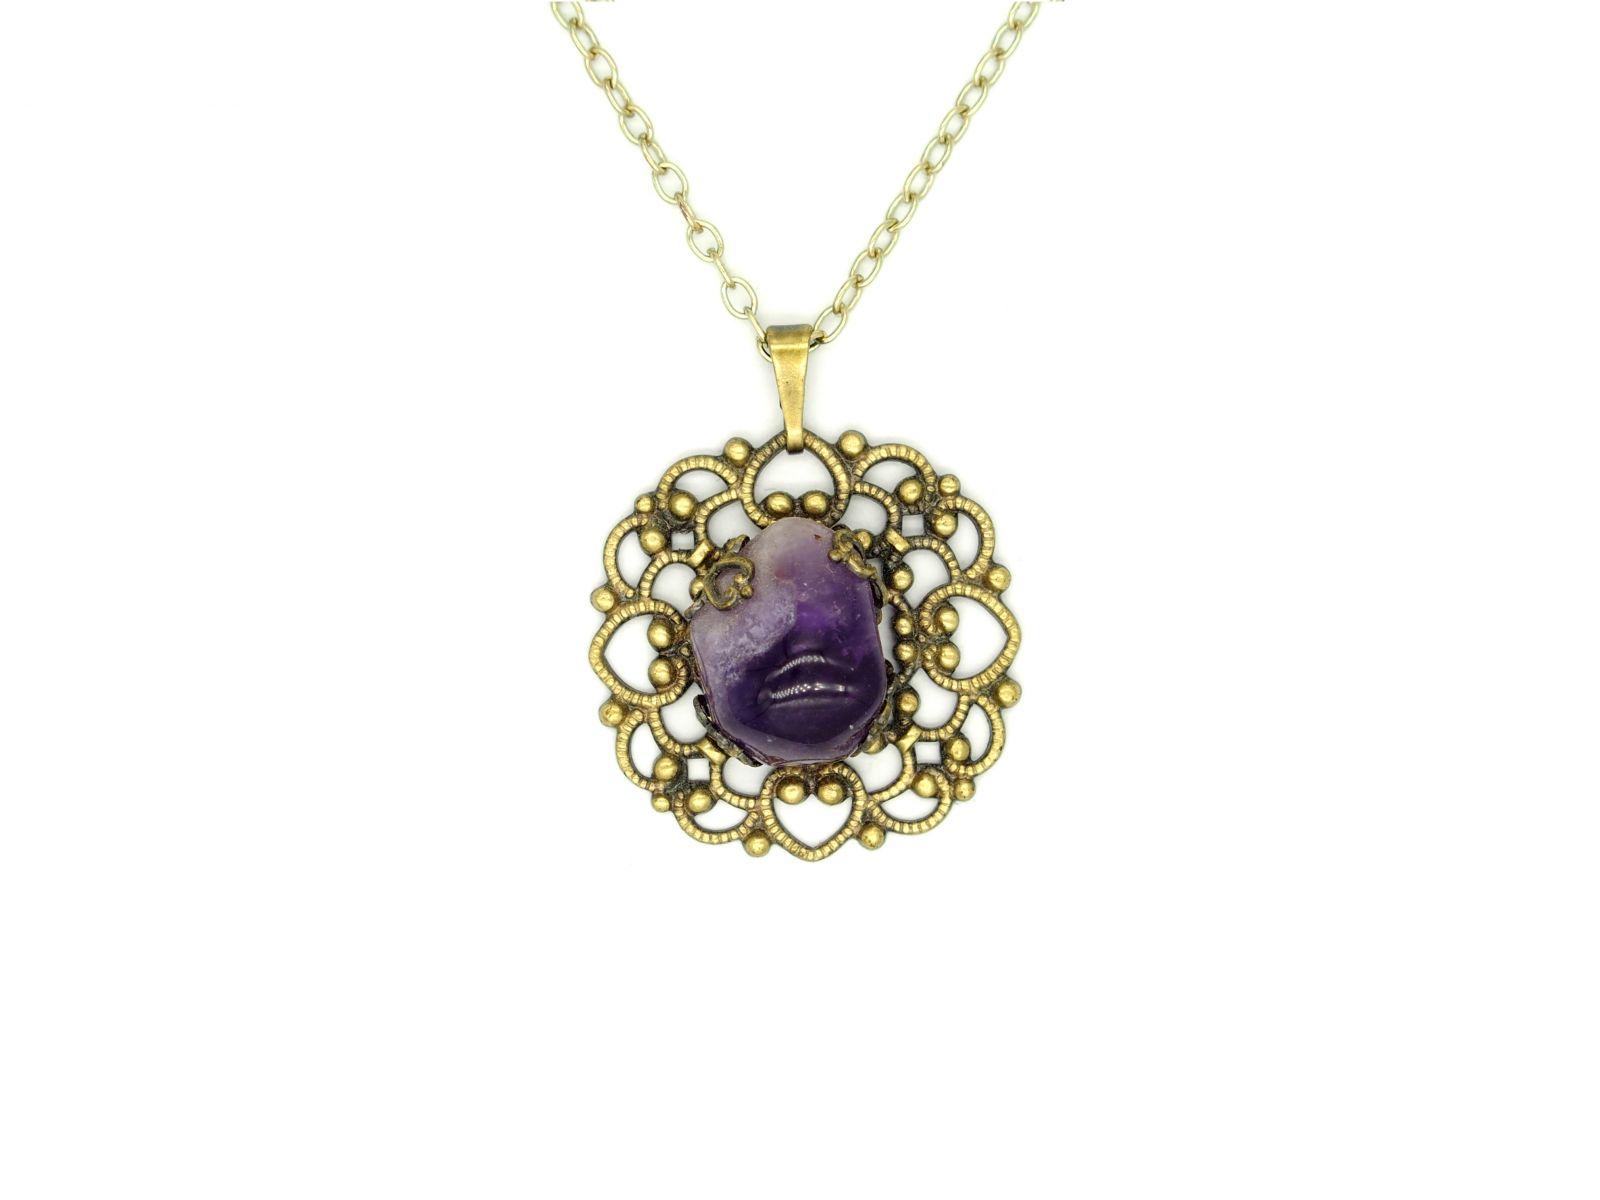 náhrdelník s přívěskem (e)